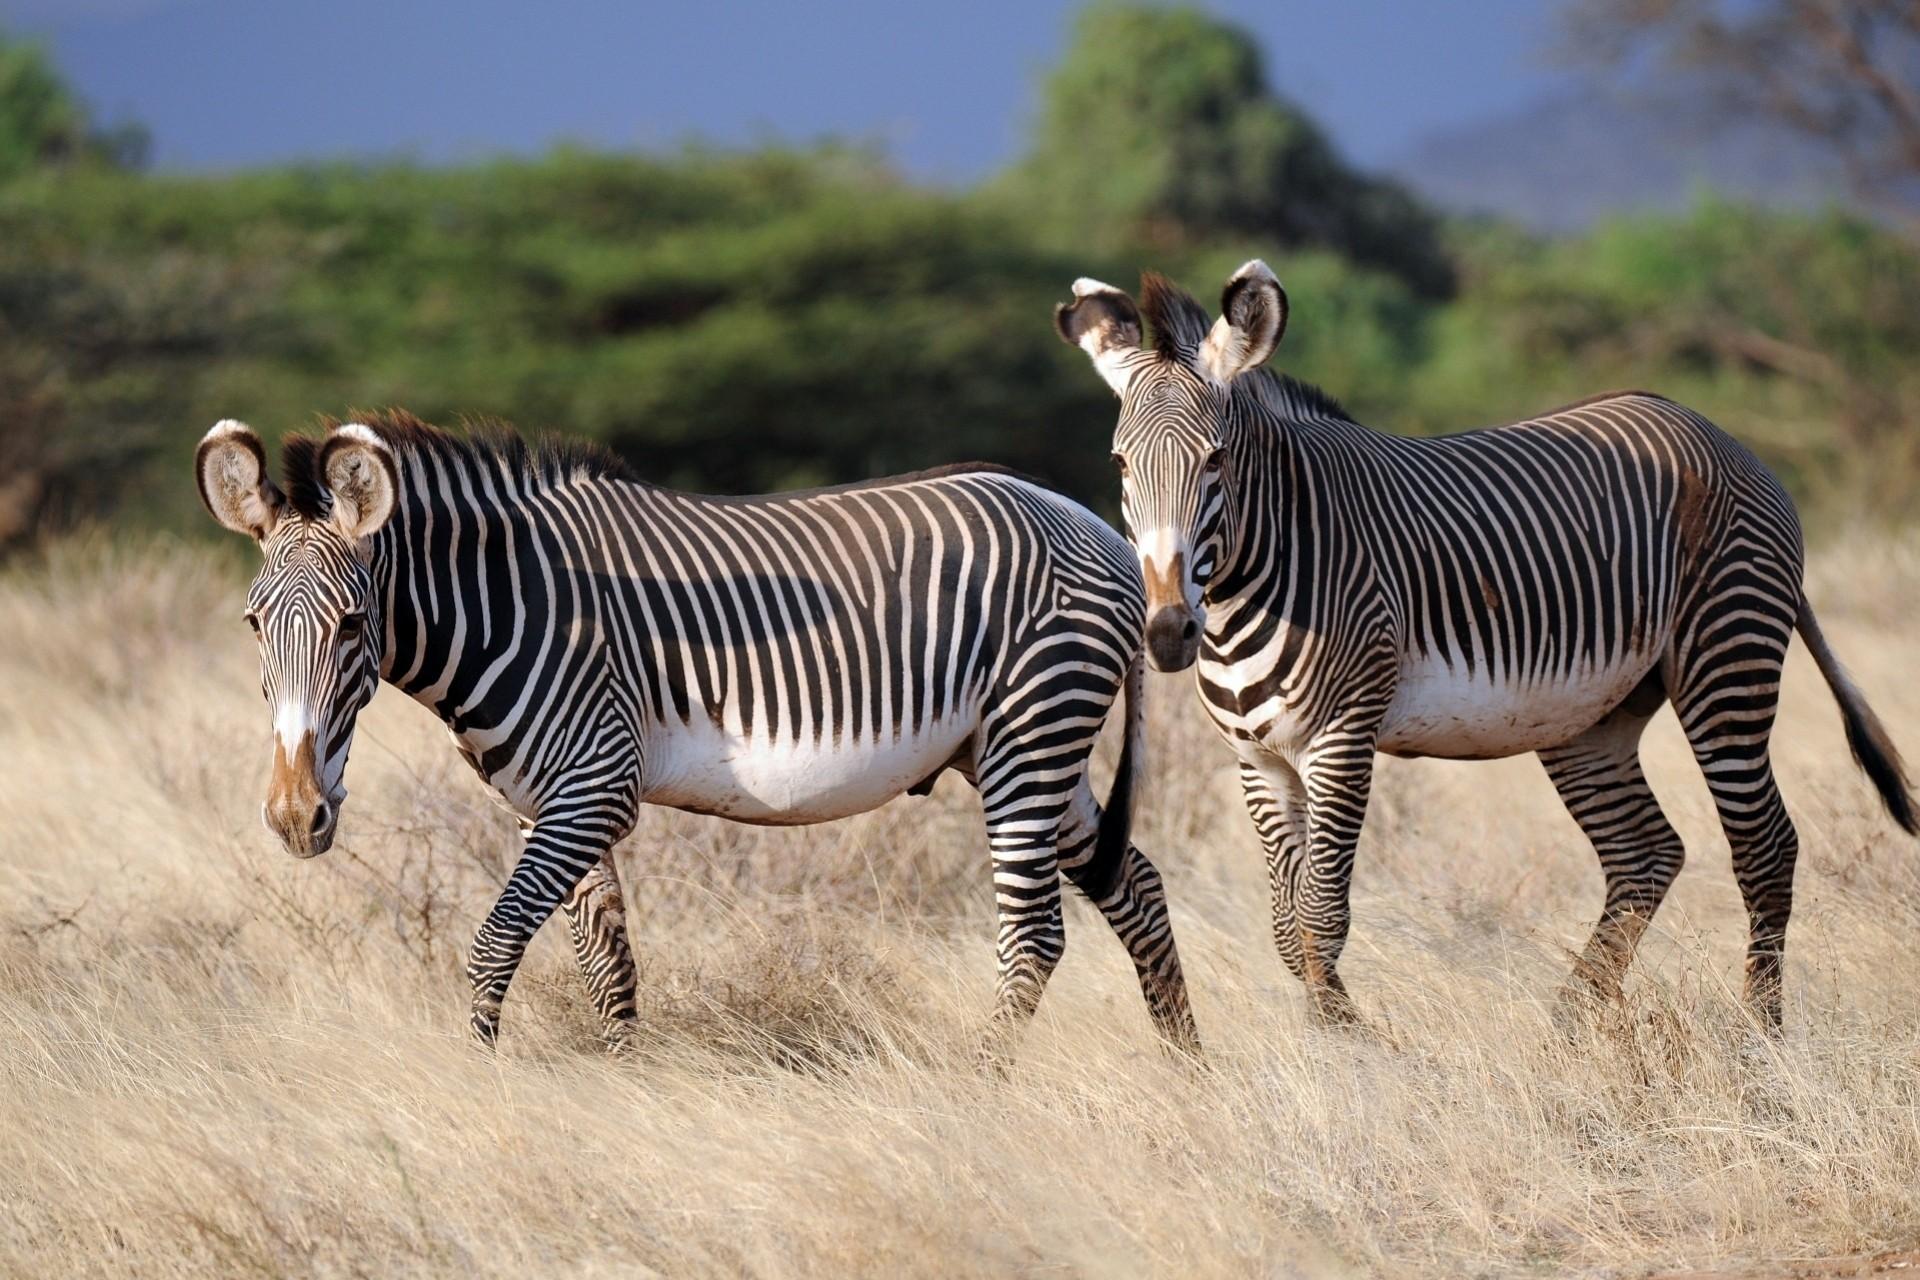 Все виды животных, определение и классификация, породы, среда обитания, их история, интересные факты о происхождении, питании и многое другое.